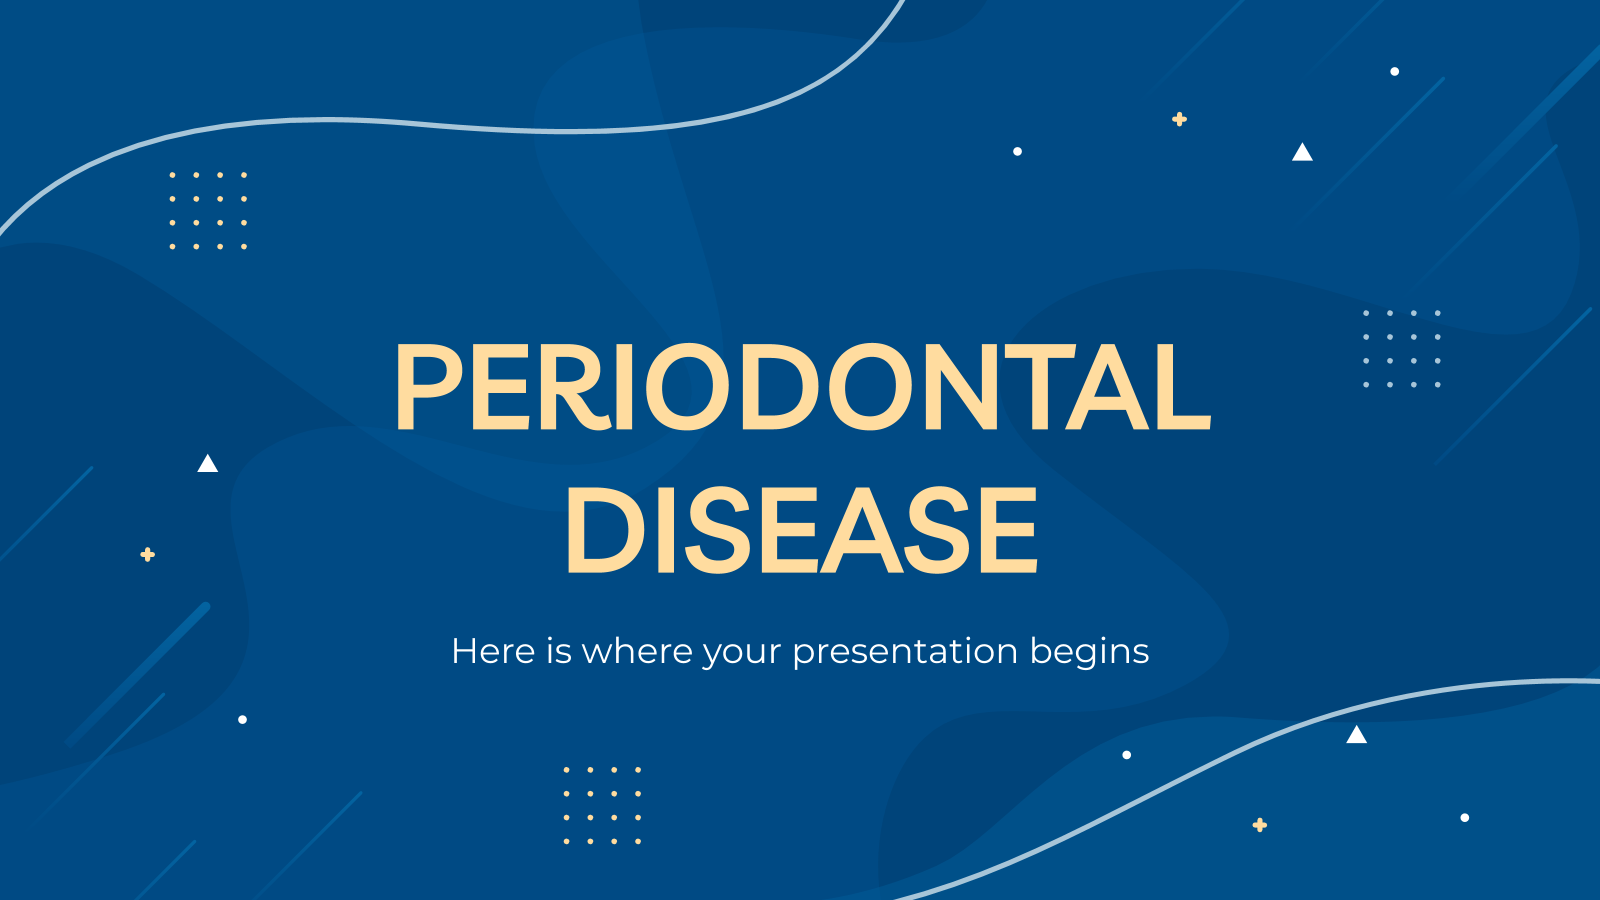 Maladie parodontale : Modèles de présentation